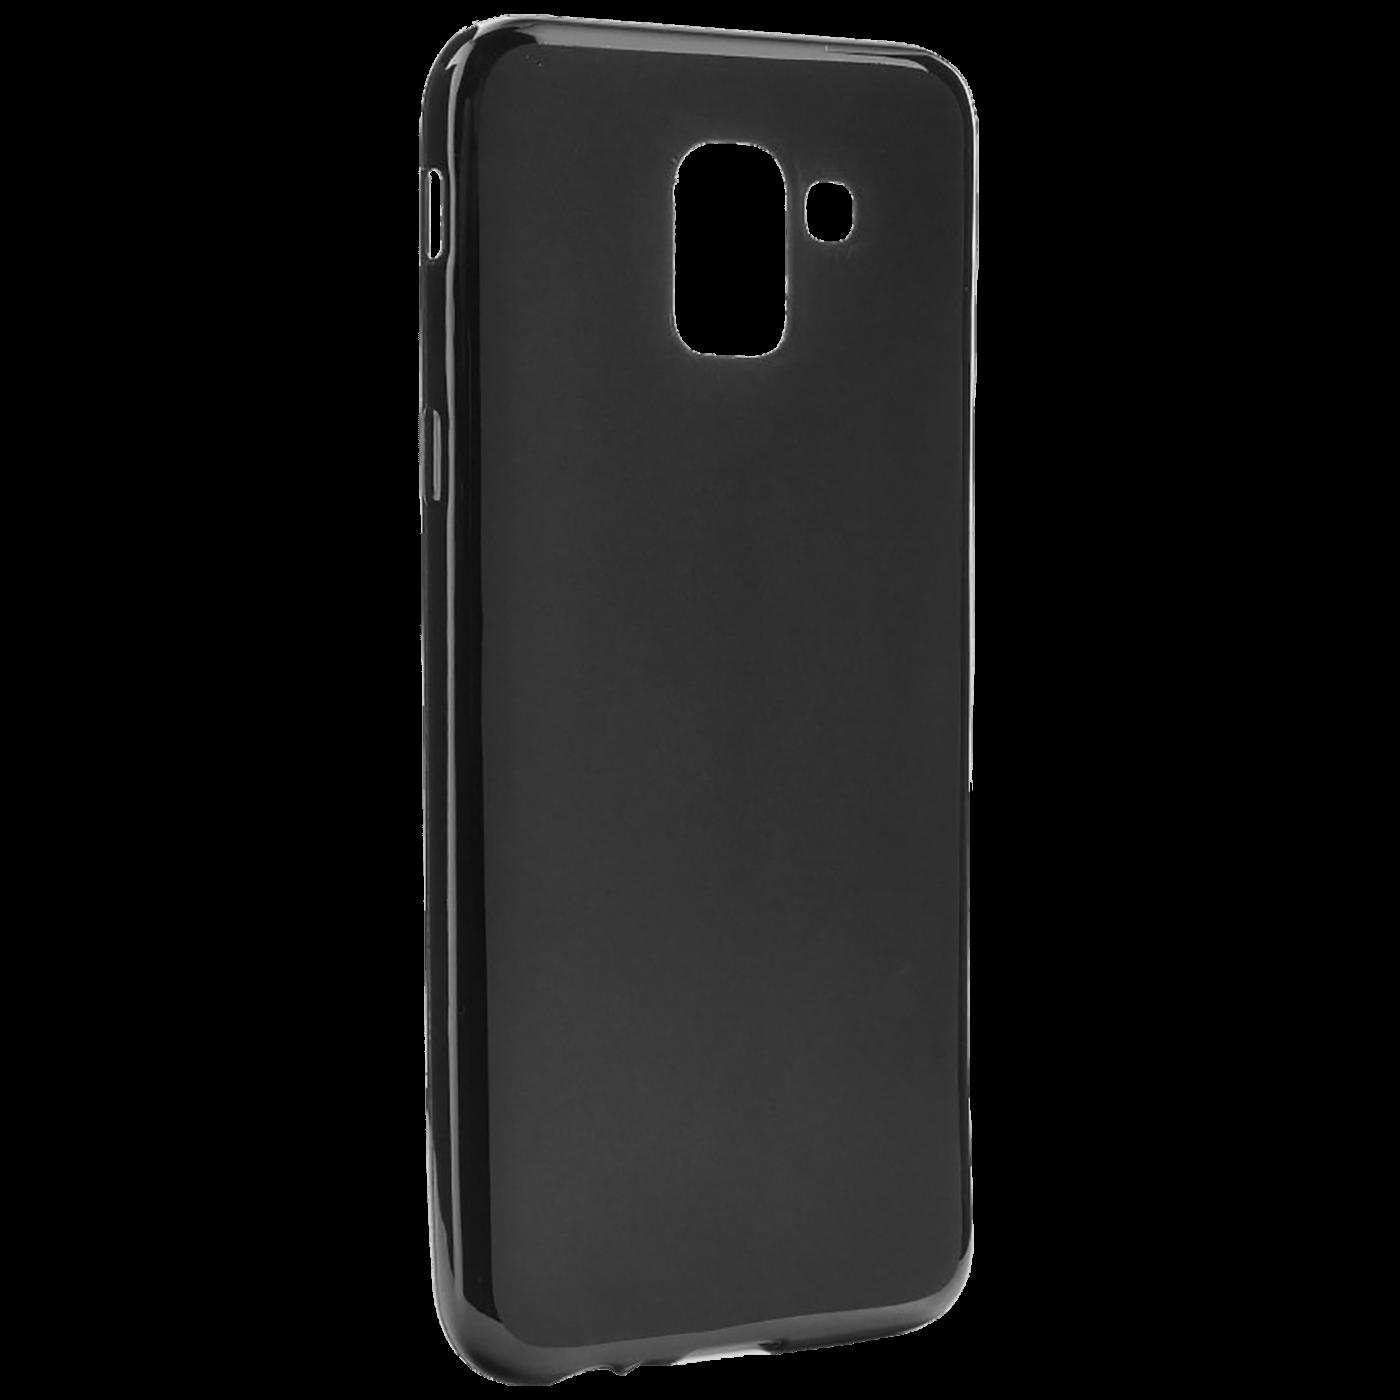 Futrola za mobitel Samsung J6, silikonska, crna